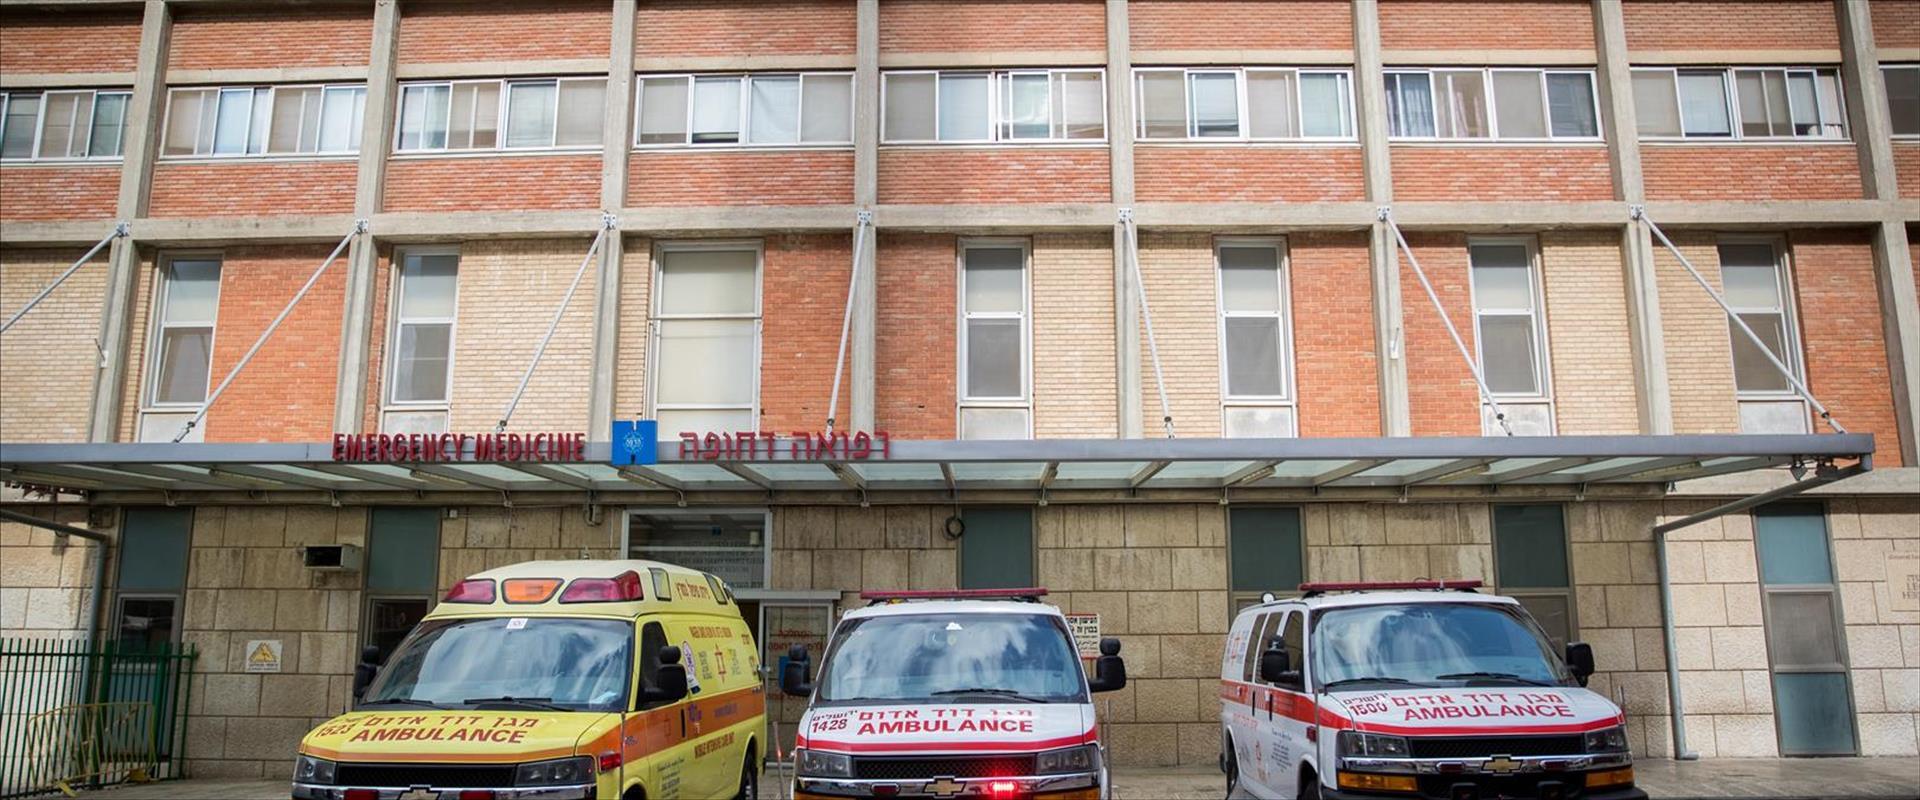 בית החולים הדסה עין כרם, ארכיון